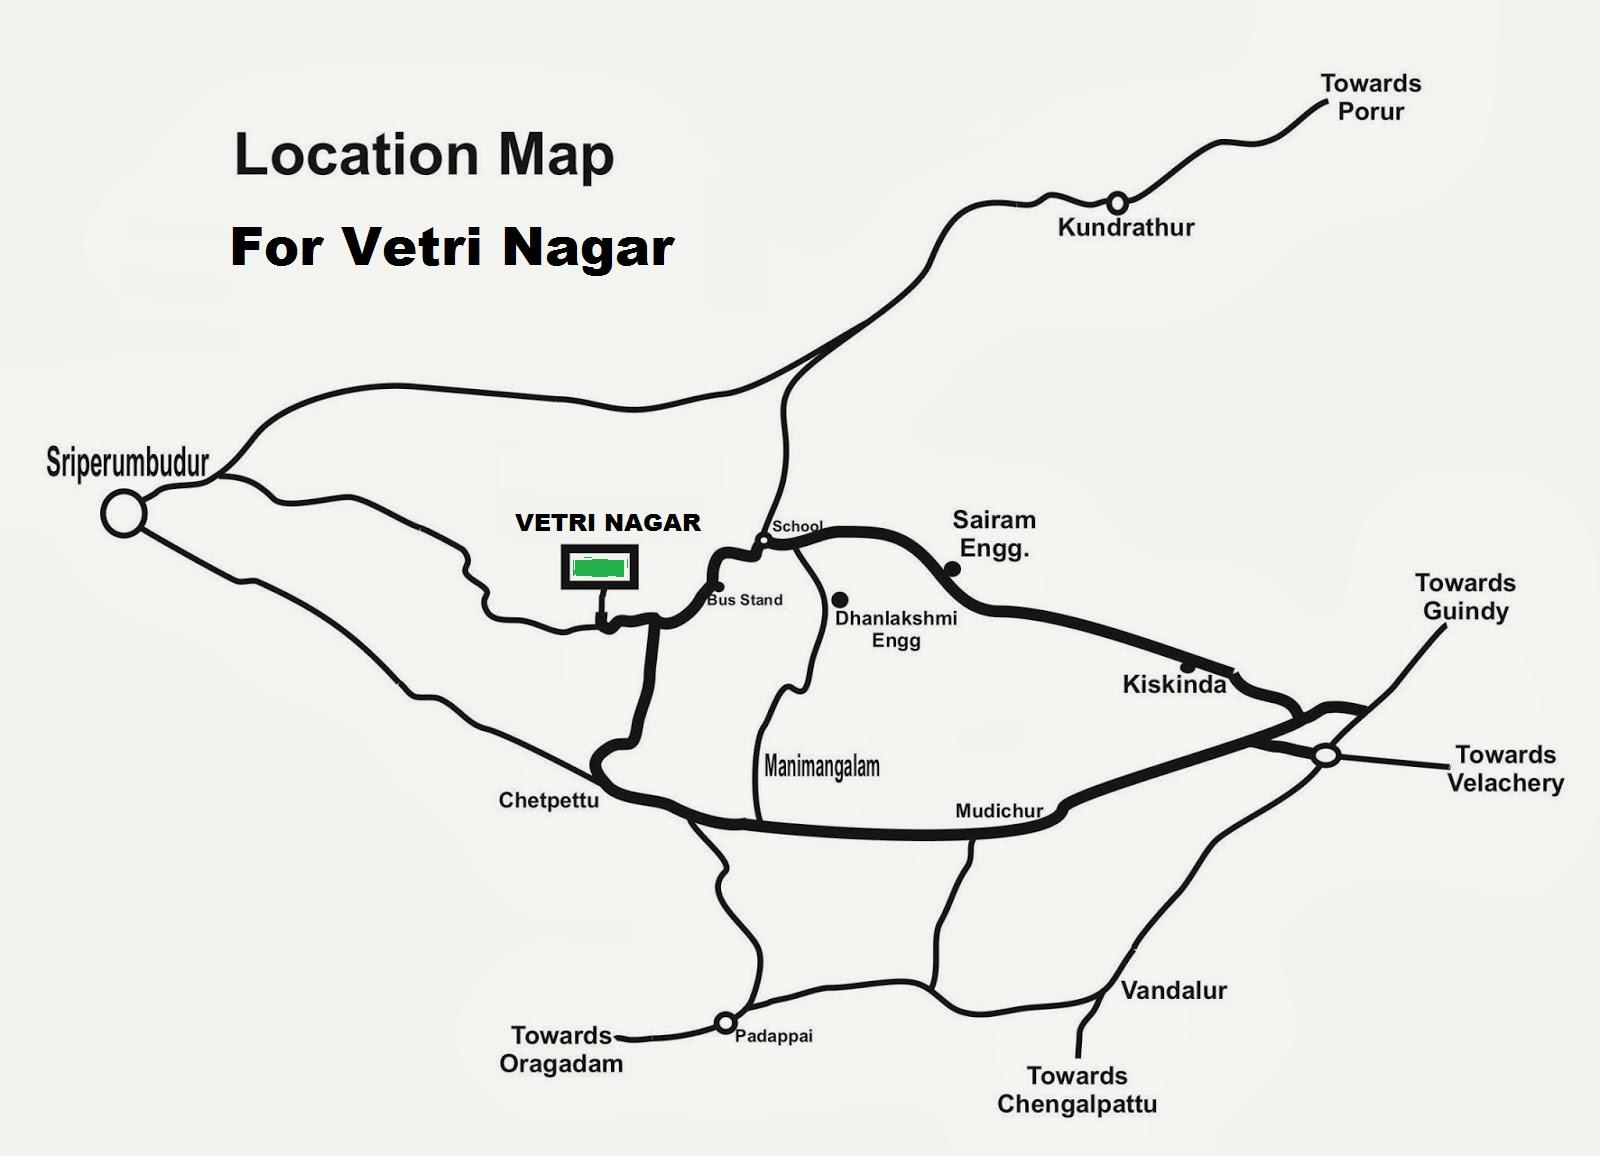 Vetri Nagar